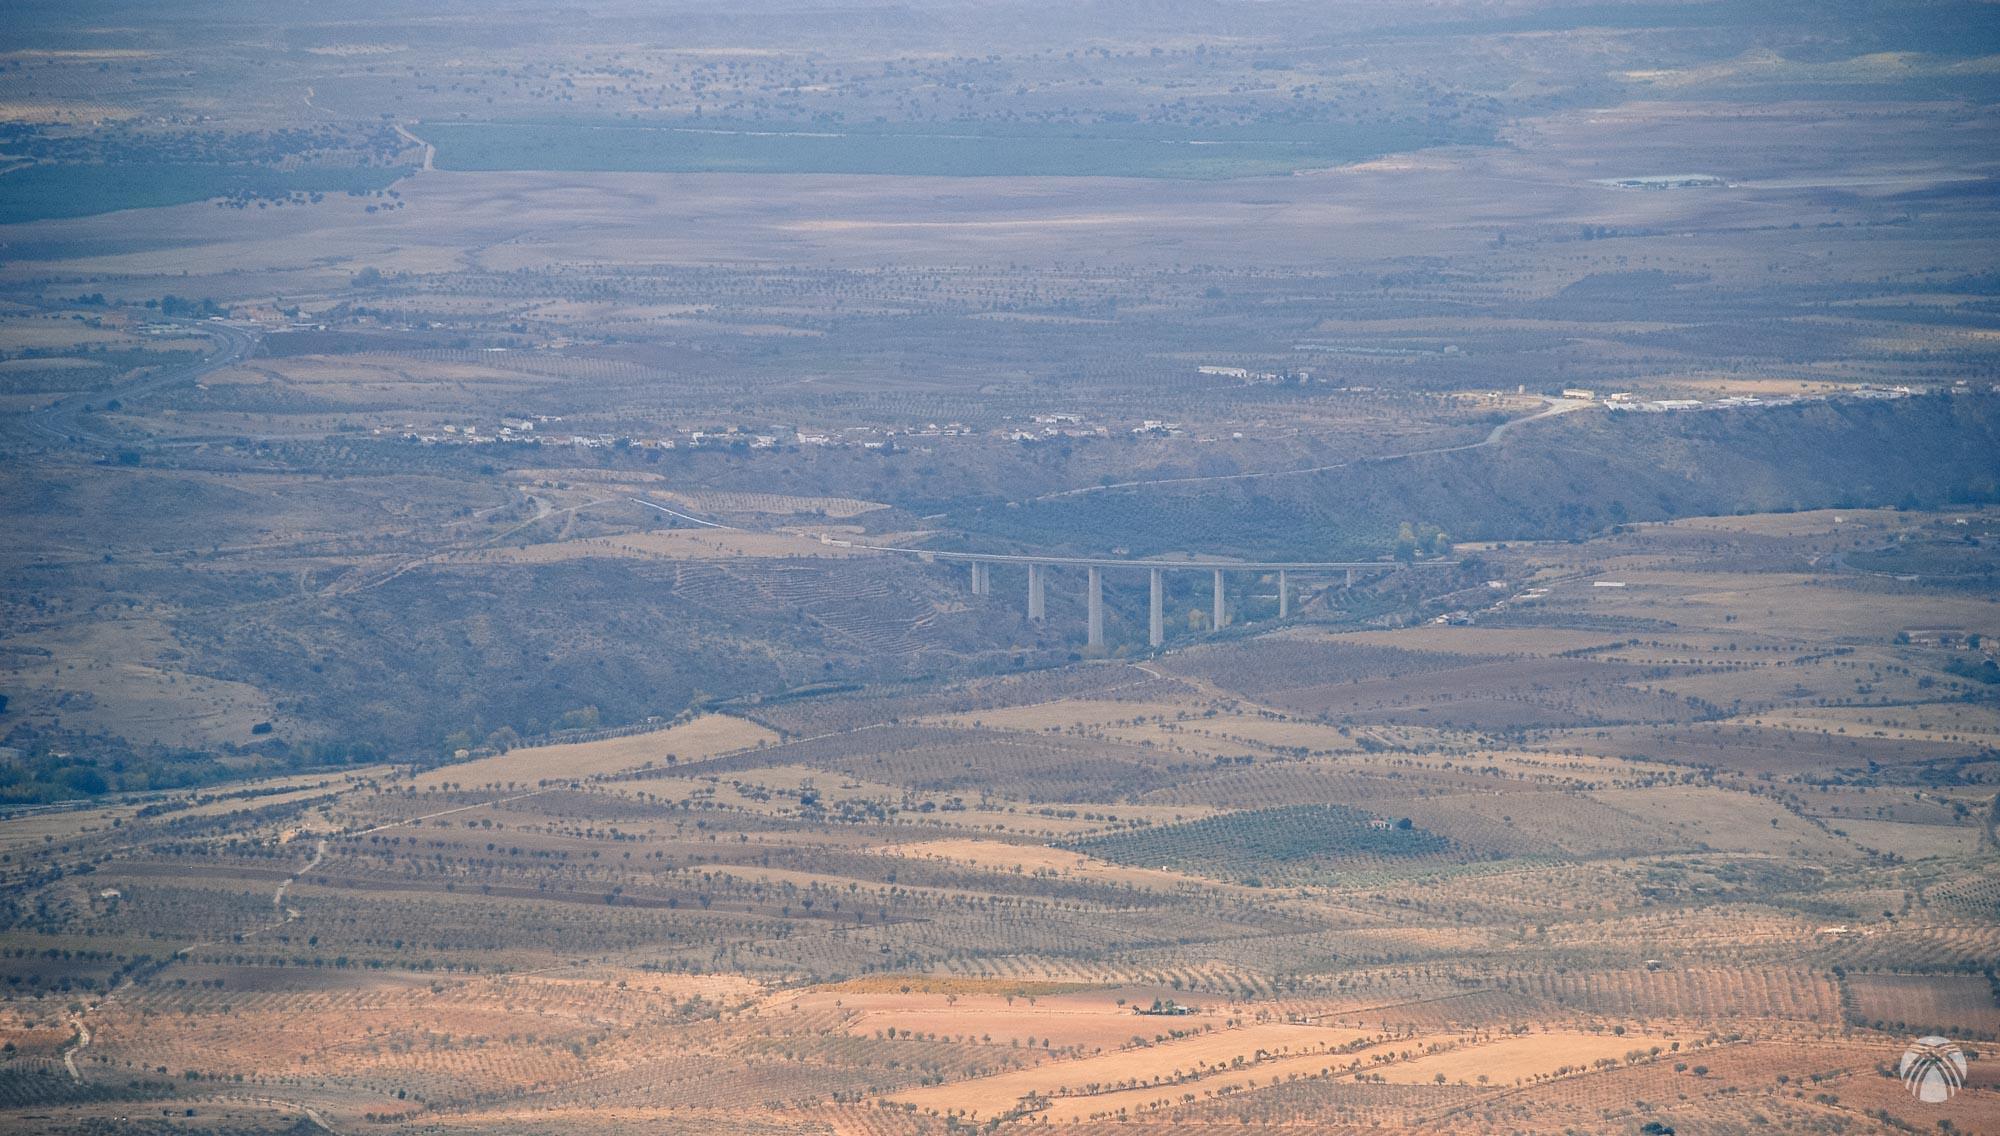 Puente de la A92